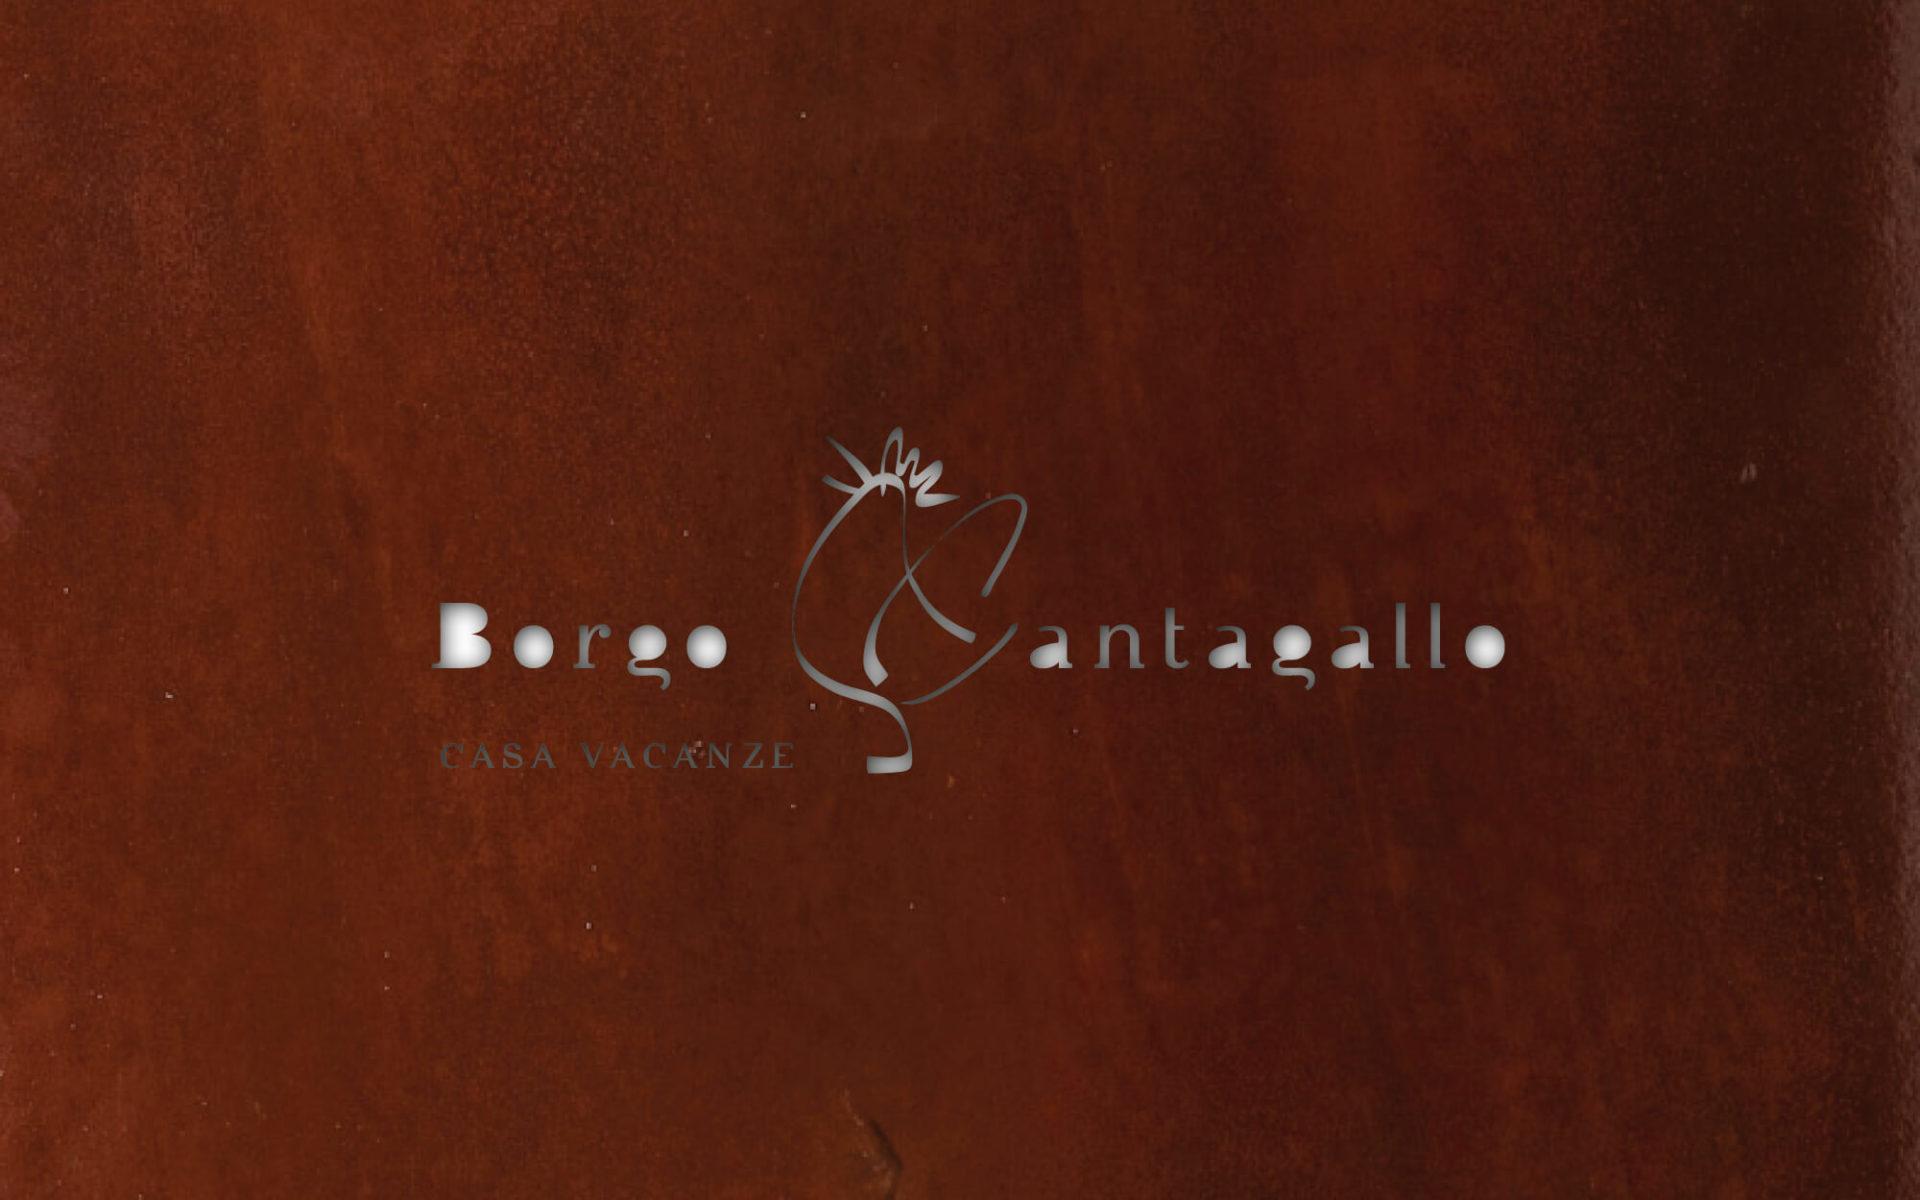 dettaglio del marchio intagliato nel corten, e dell'identità aziendale per Borgo Cantagallo. Dettaglio insegna in ferro corten. Progetto Diadestudio ArcoTn